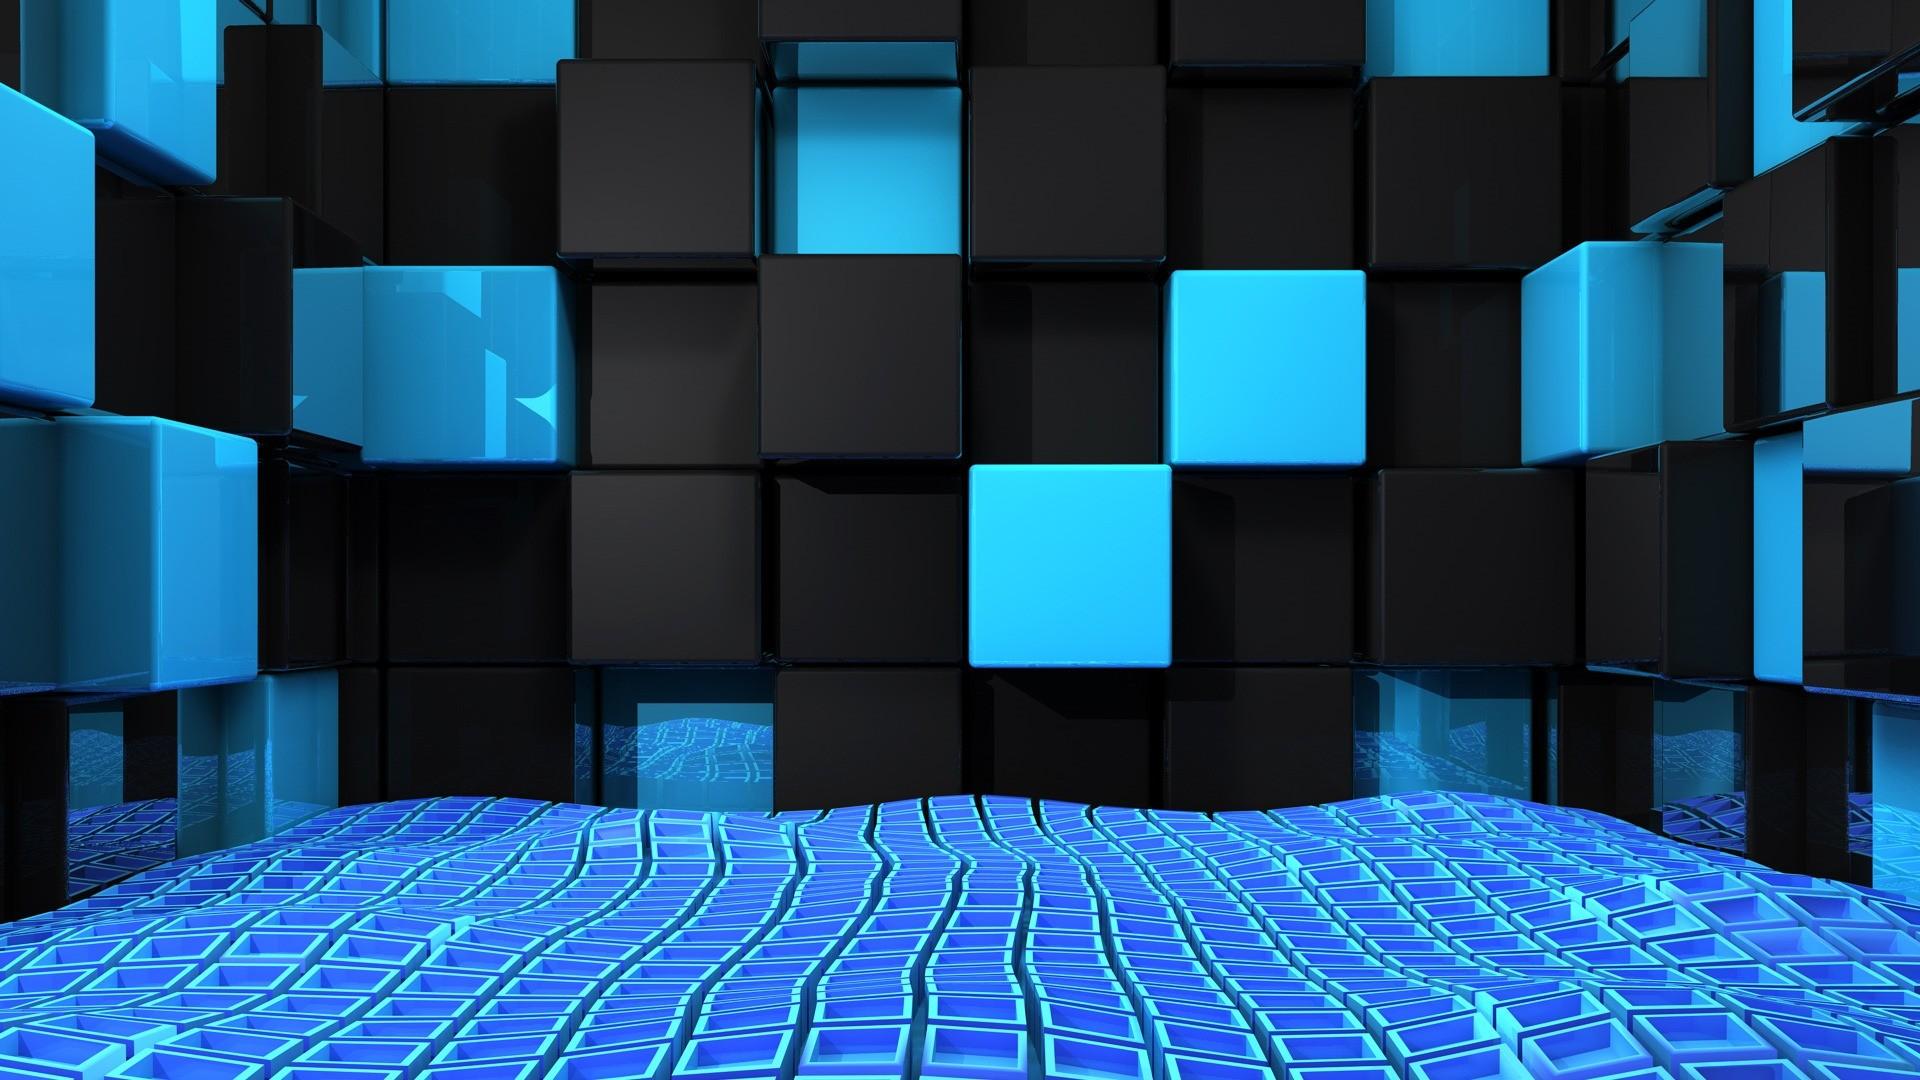 HD 1080p Desktop Backgrounds (65+ images)